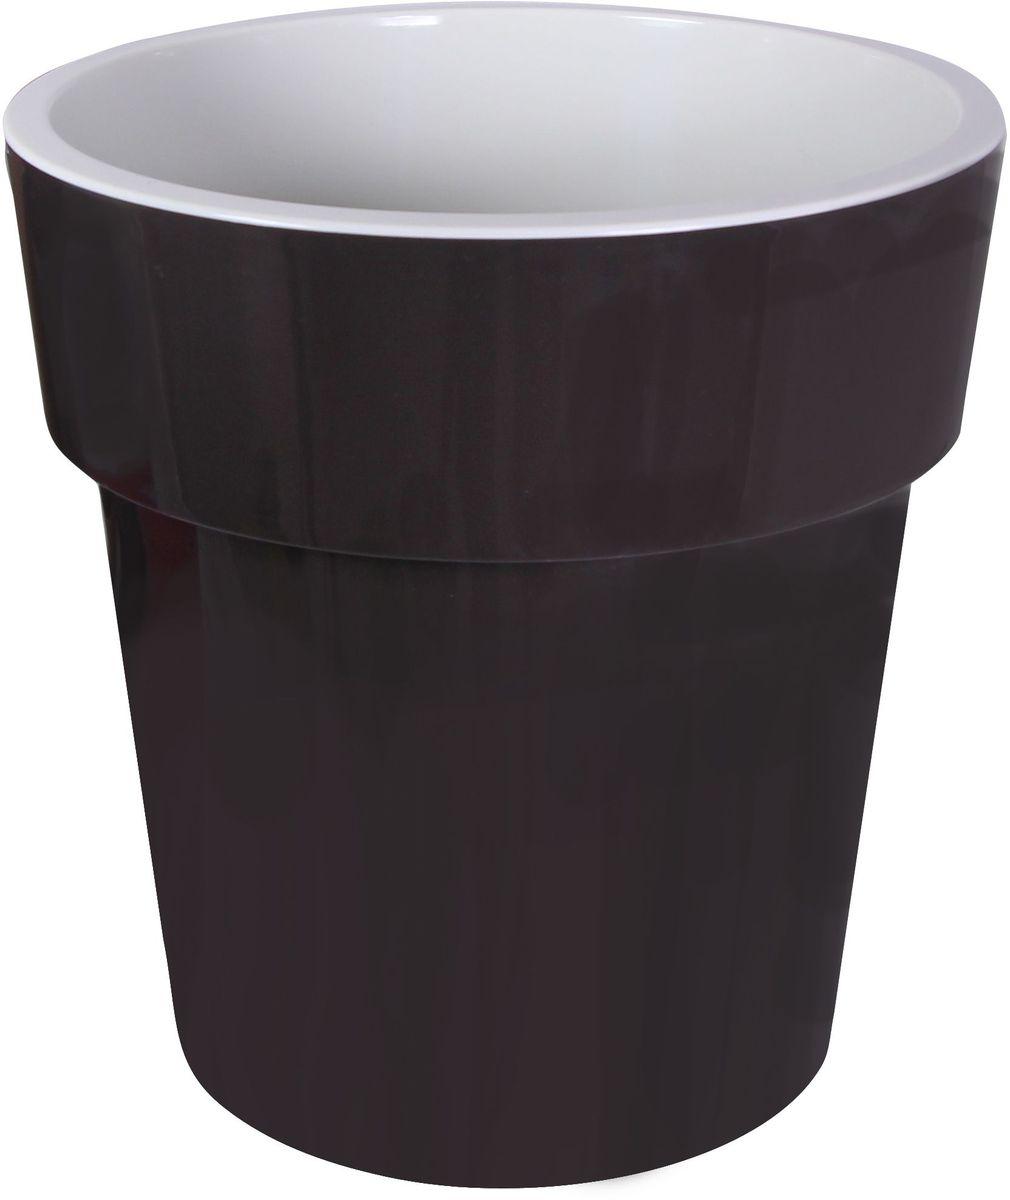 Кашпо Idea Тубус, цвет: коричневый, диаметр 15 смМ 3164Кашпо Idea Тубус изготовлено из прочного пластика. Изделие прекрасно подходит для выращивания растений и цветов в домашних условиях. Стильный современный дизайн органично впишется в интерьер помещения.Диаметр кашпо: 15 см. Высота кашпо: 15 см.